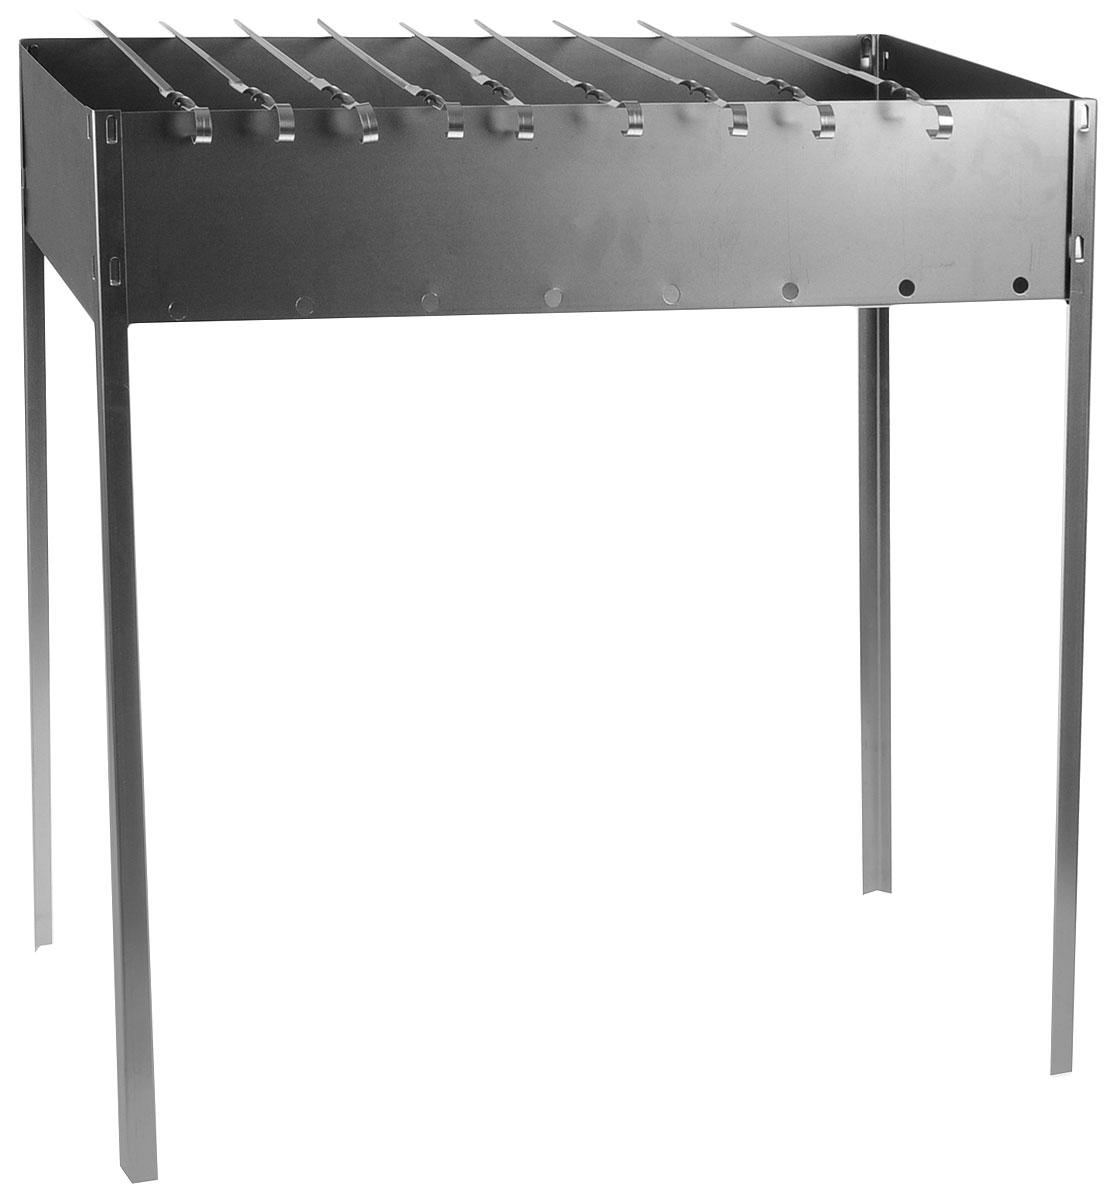 Мангал Бастион-Пром  Шашлычник , складной, с 9 шампурами, 70 х 30 х 70 см - Посуда для приготовления